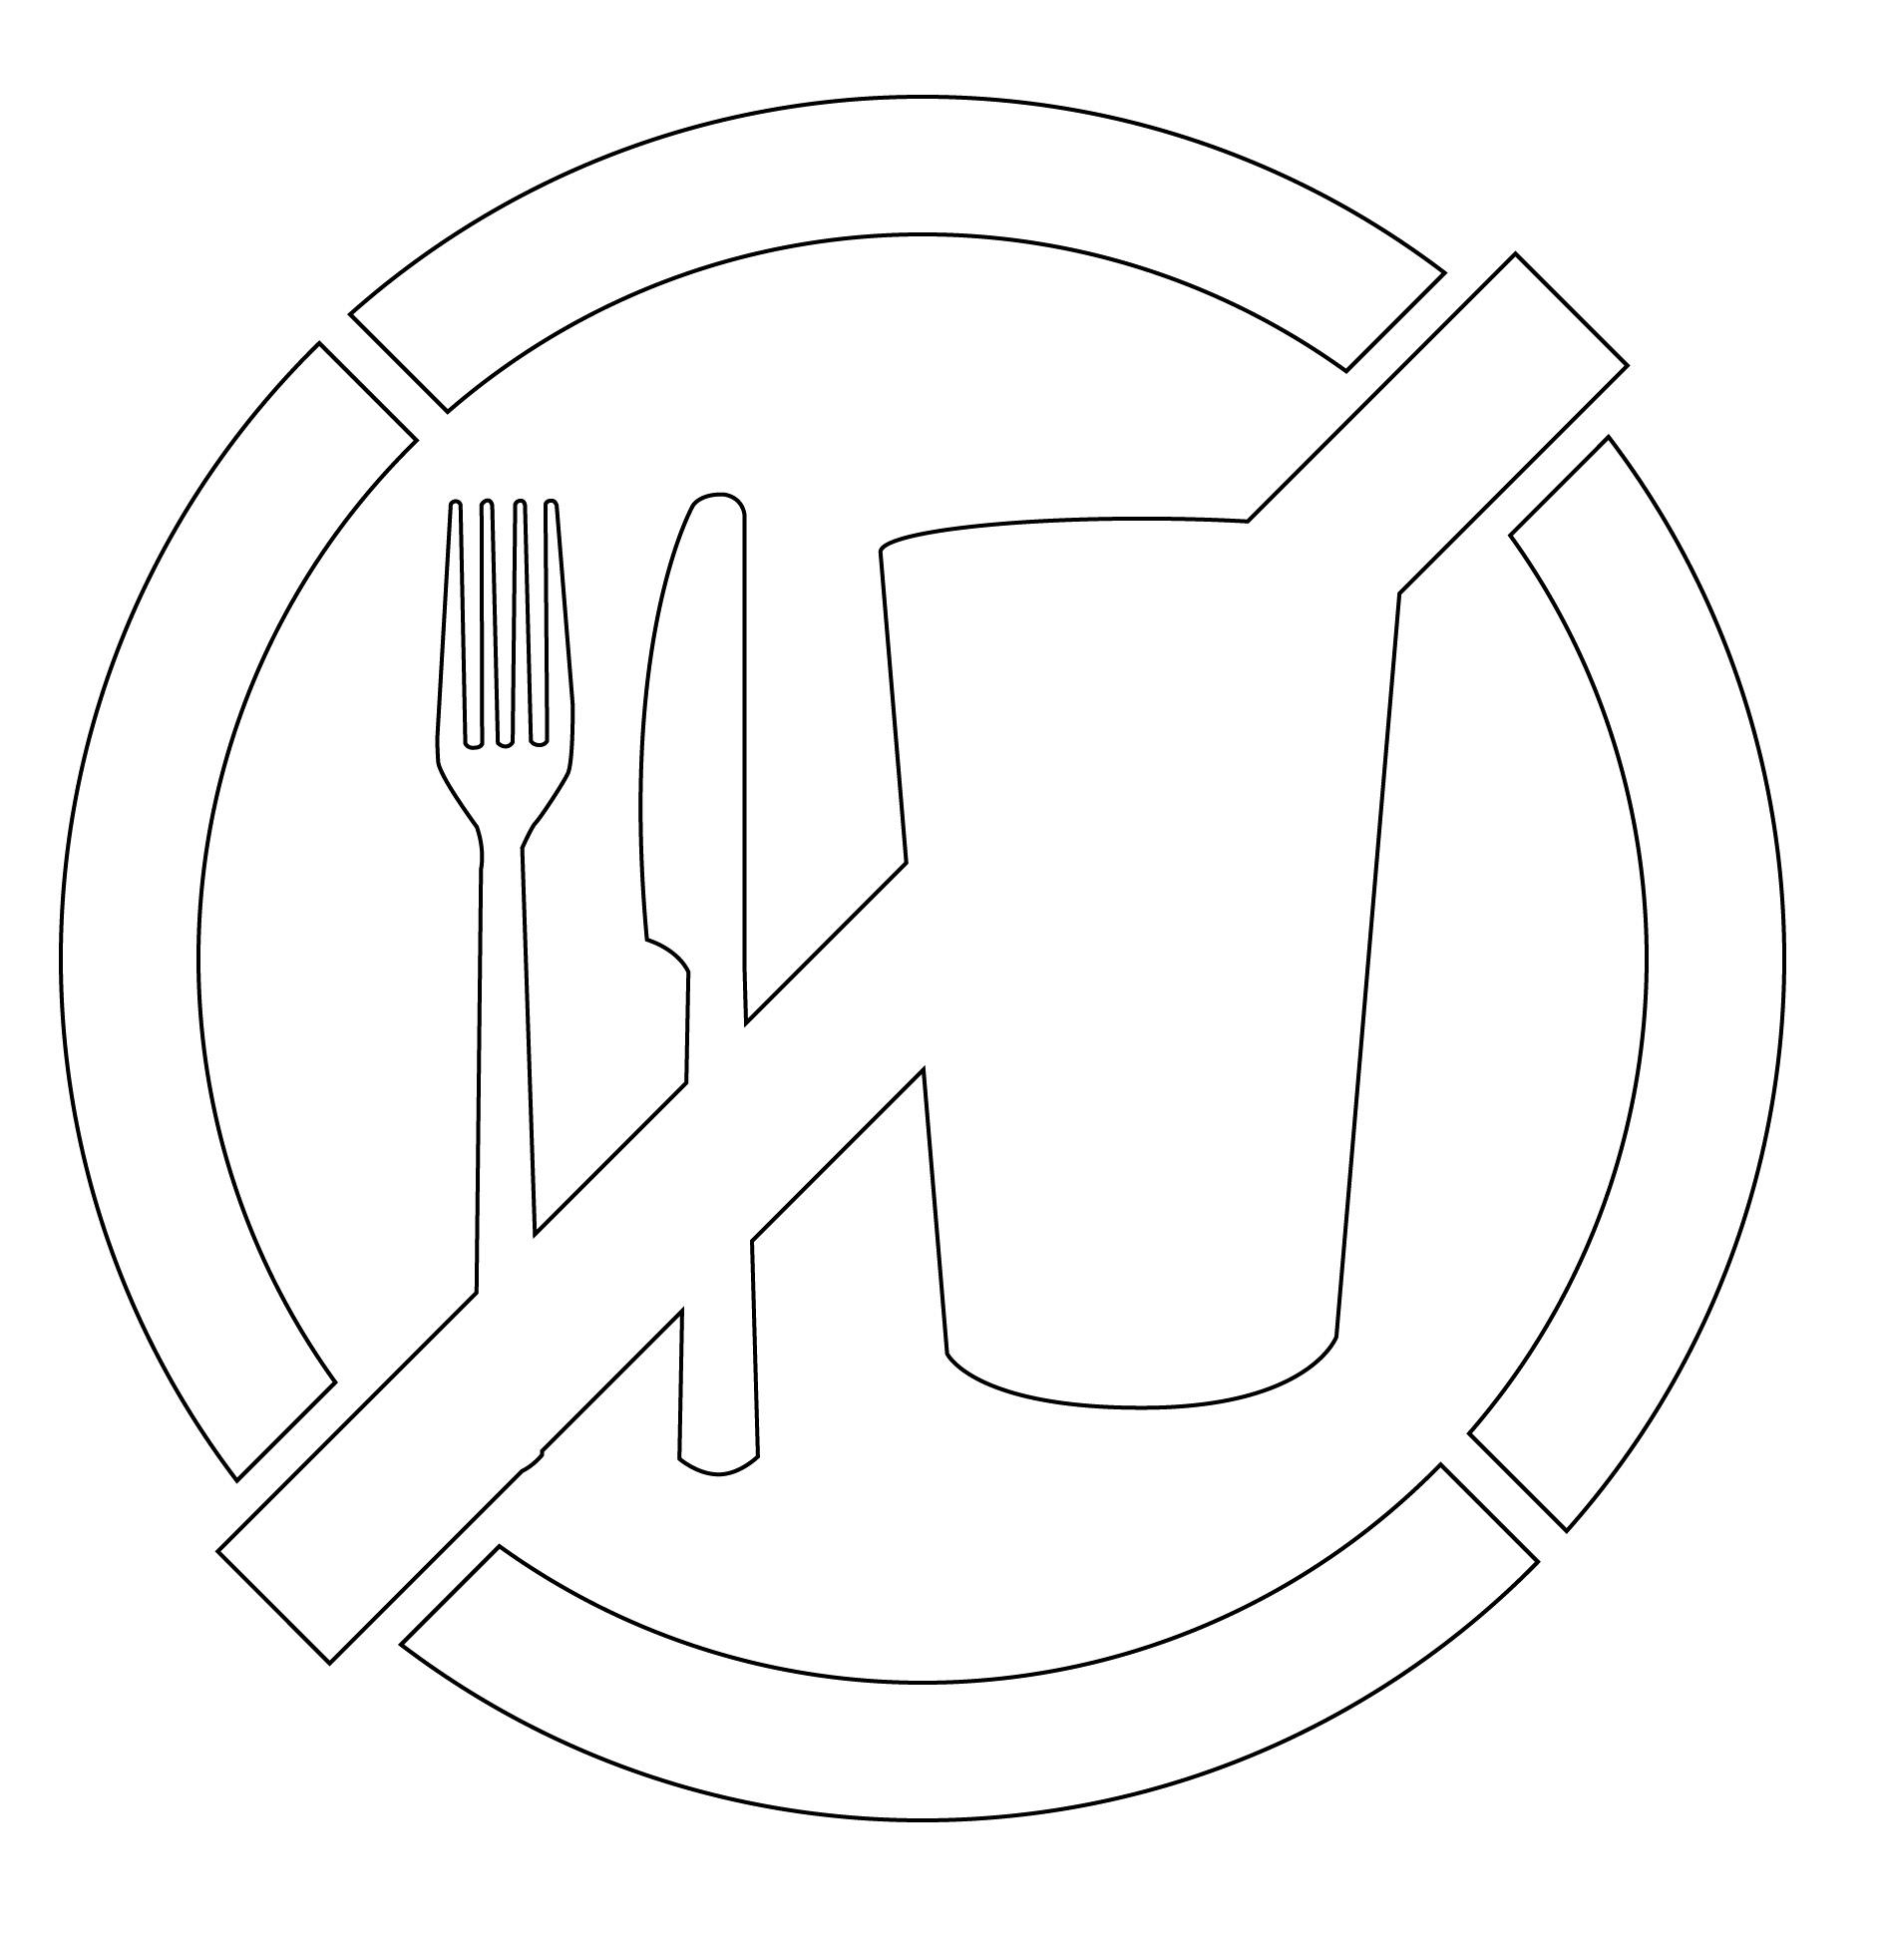 no-foodordrink-symbol2.jpg